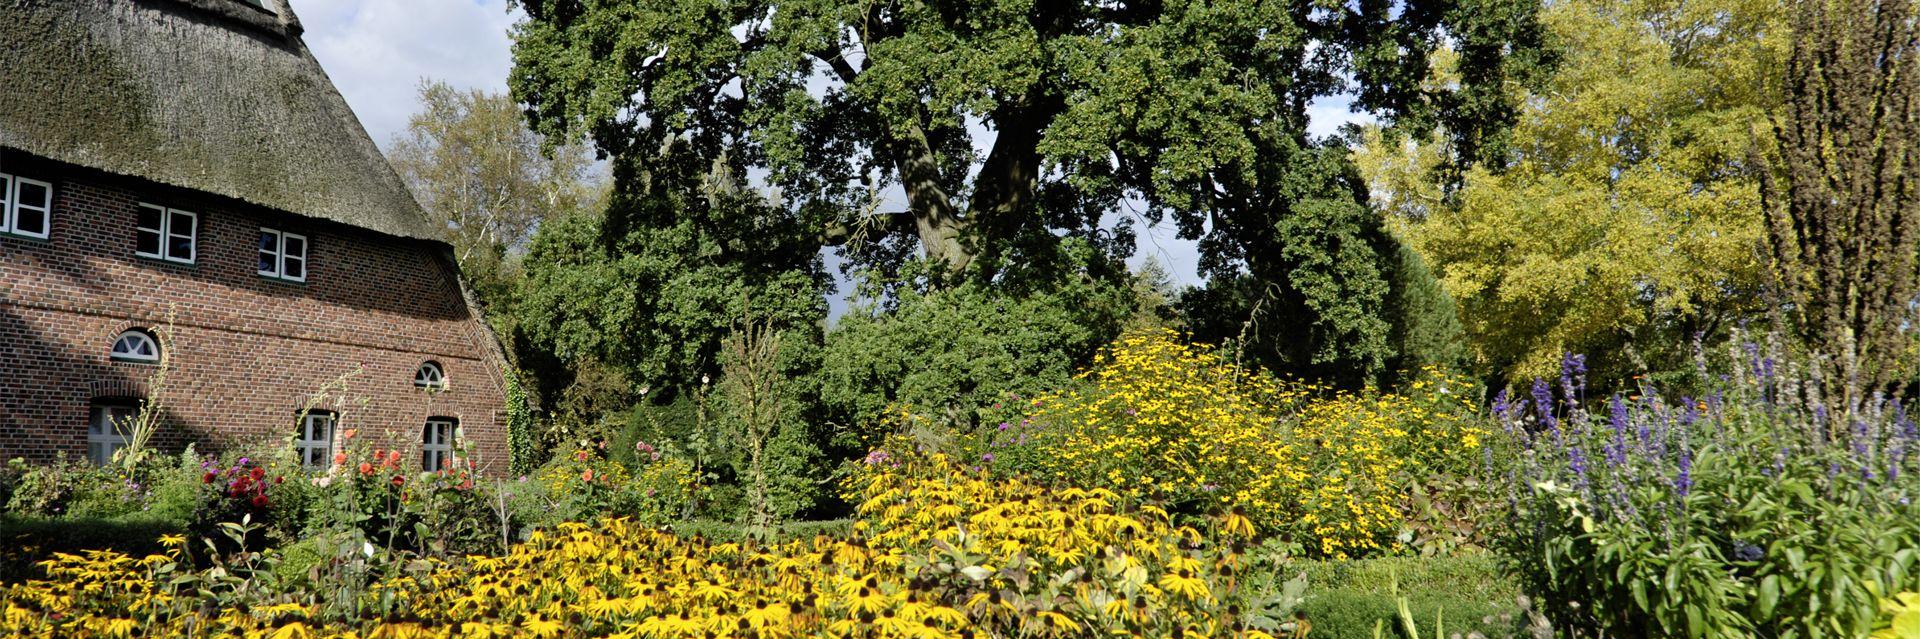 Gärten gärten in der natur holstein tourismus